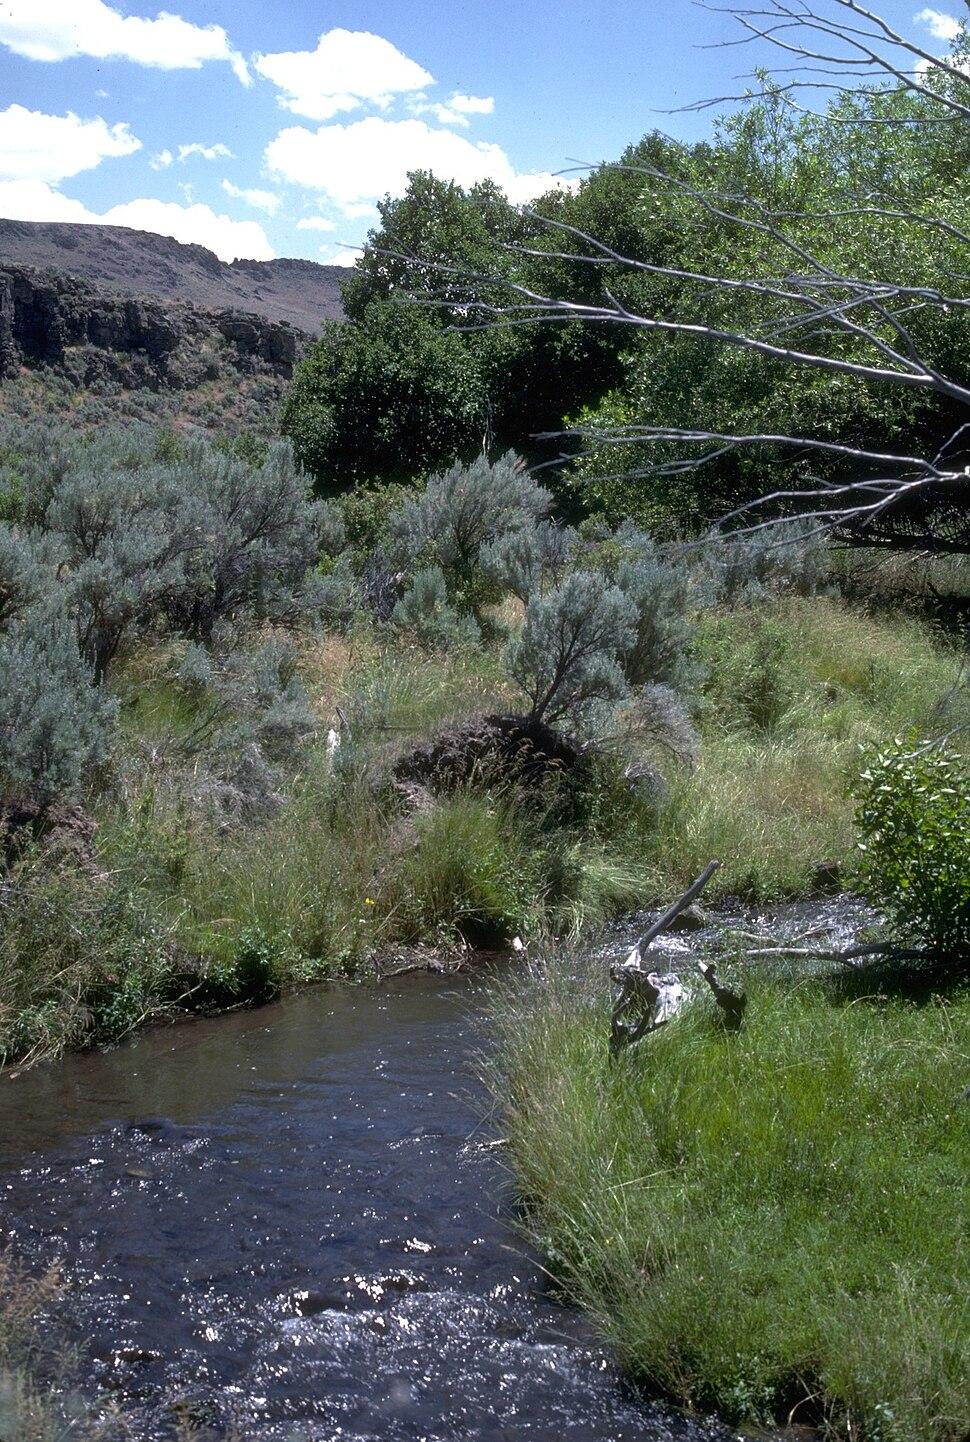 Willow Creek, Trout Creek Mountains, Oregon